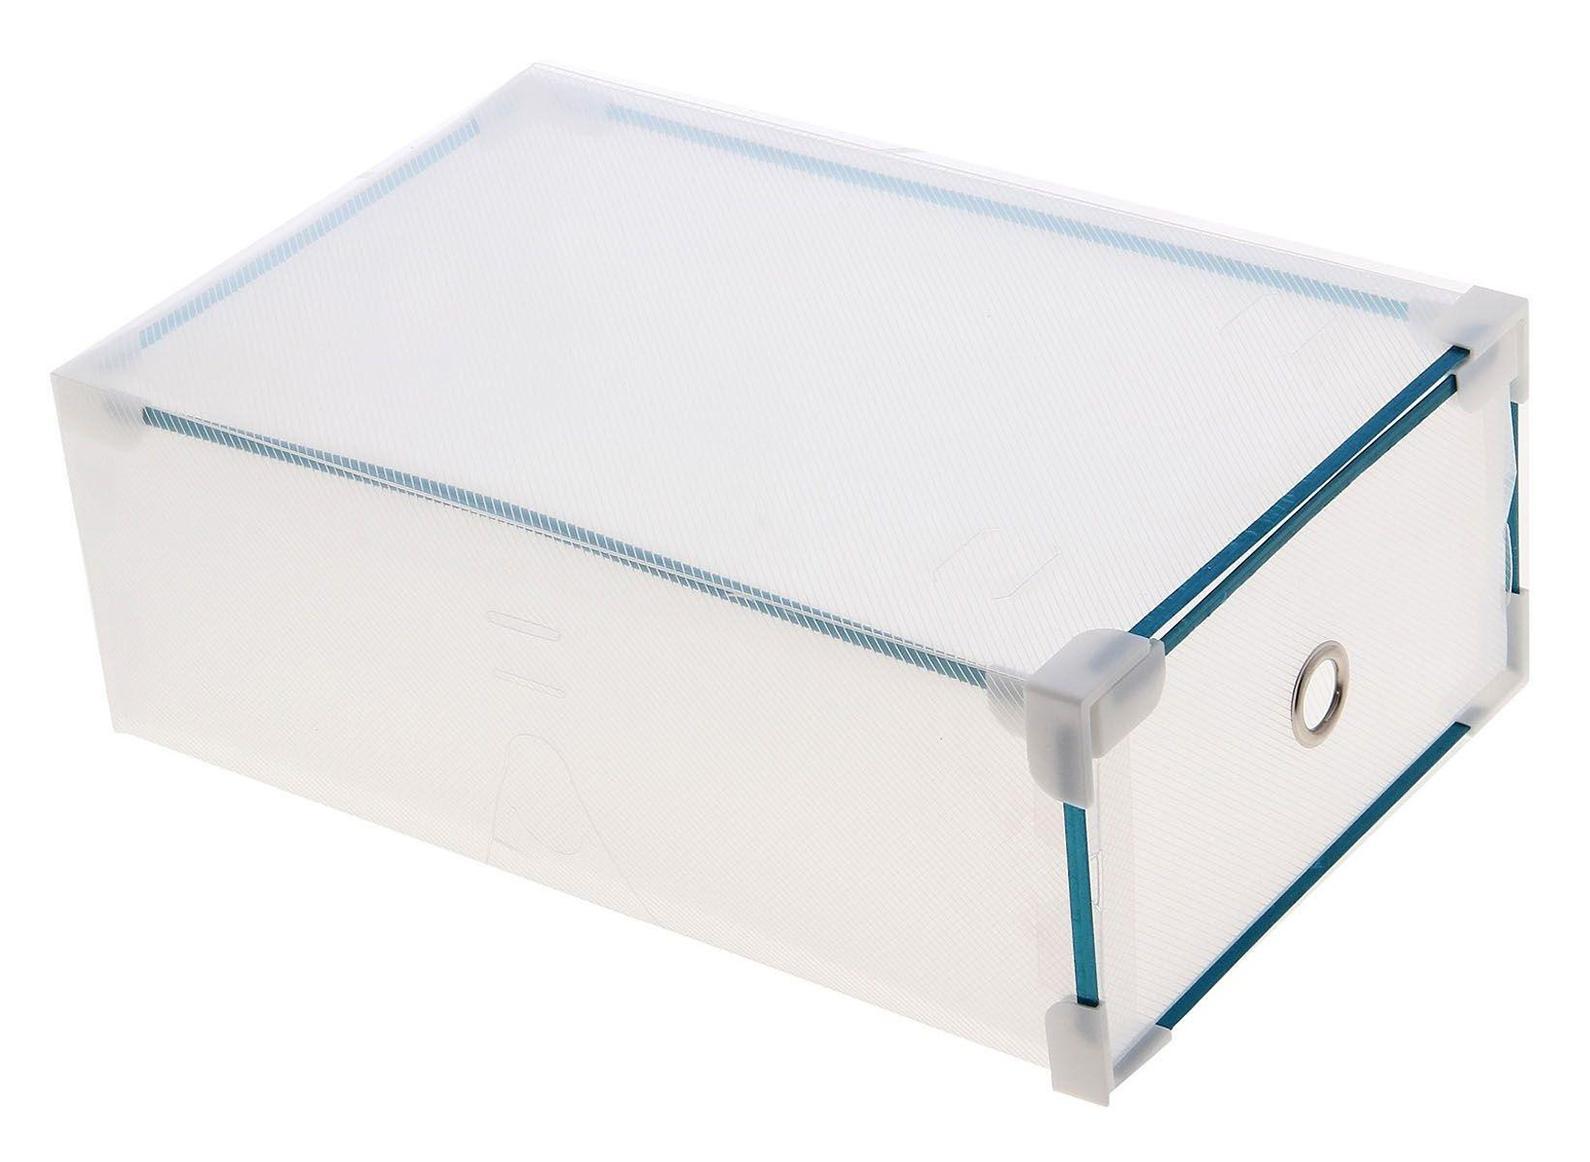 короб для хранения выдвижной 31*19,5*10,5см прозрачный 709967